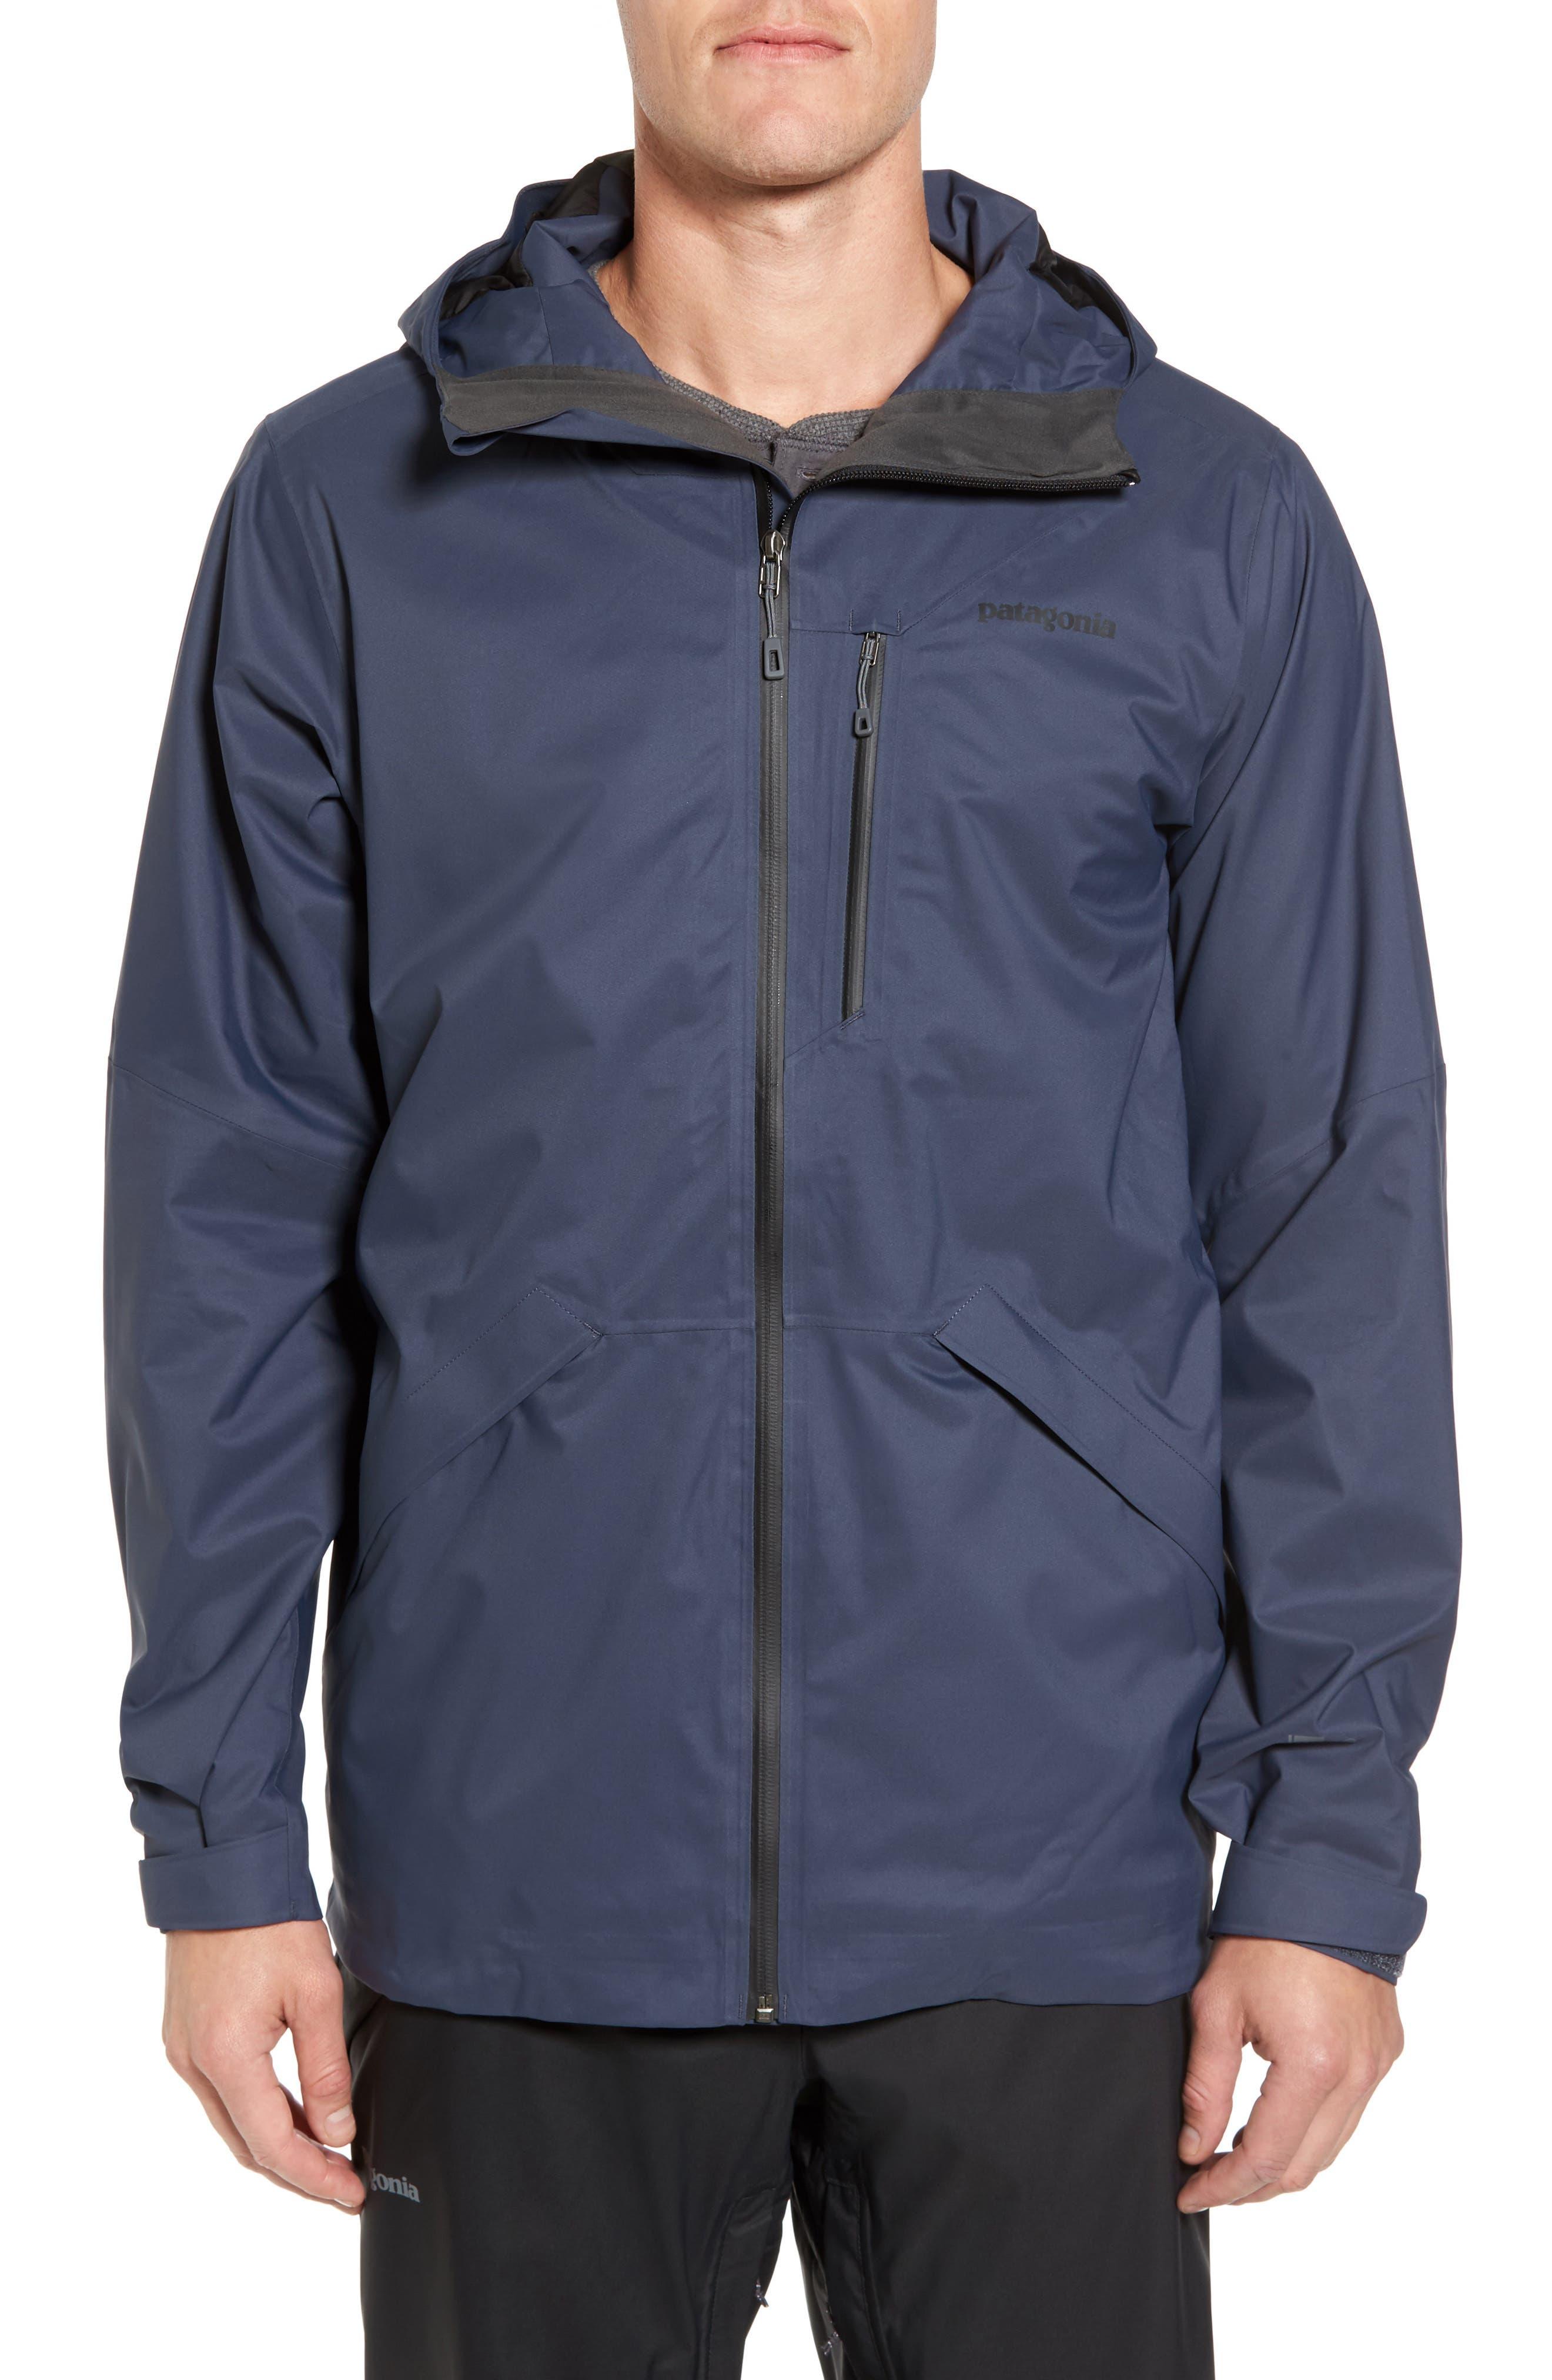 Main Image - Patagonia Snowshot 3-in-1 Waterproof Snowsports Jacket